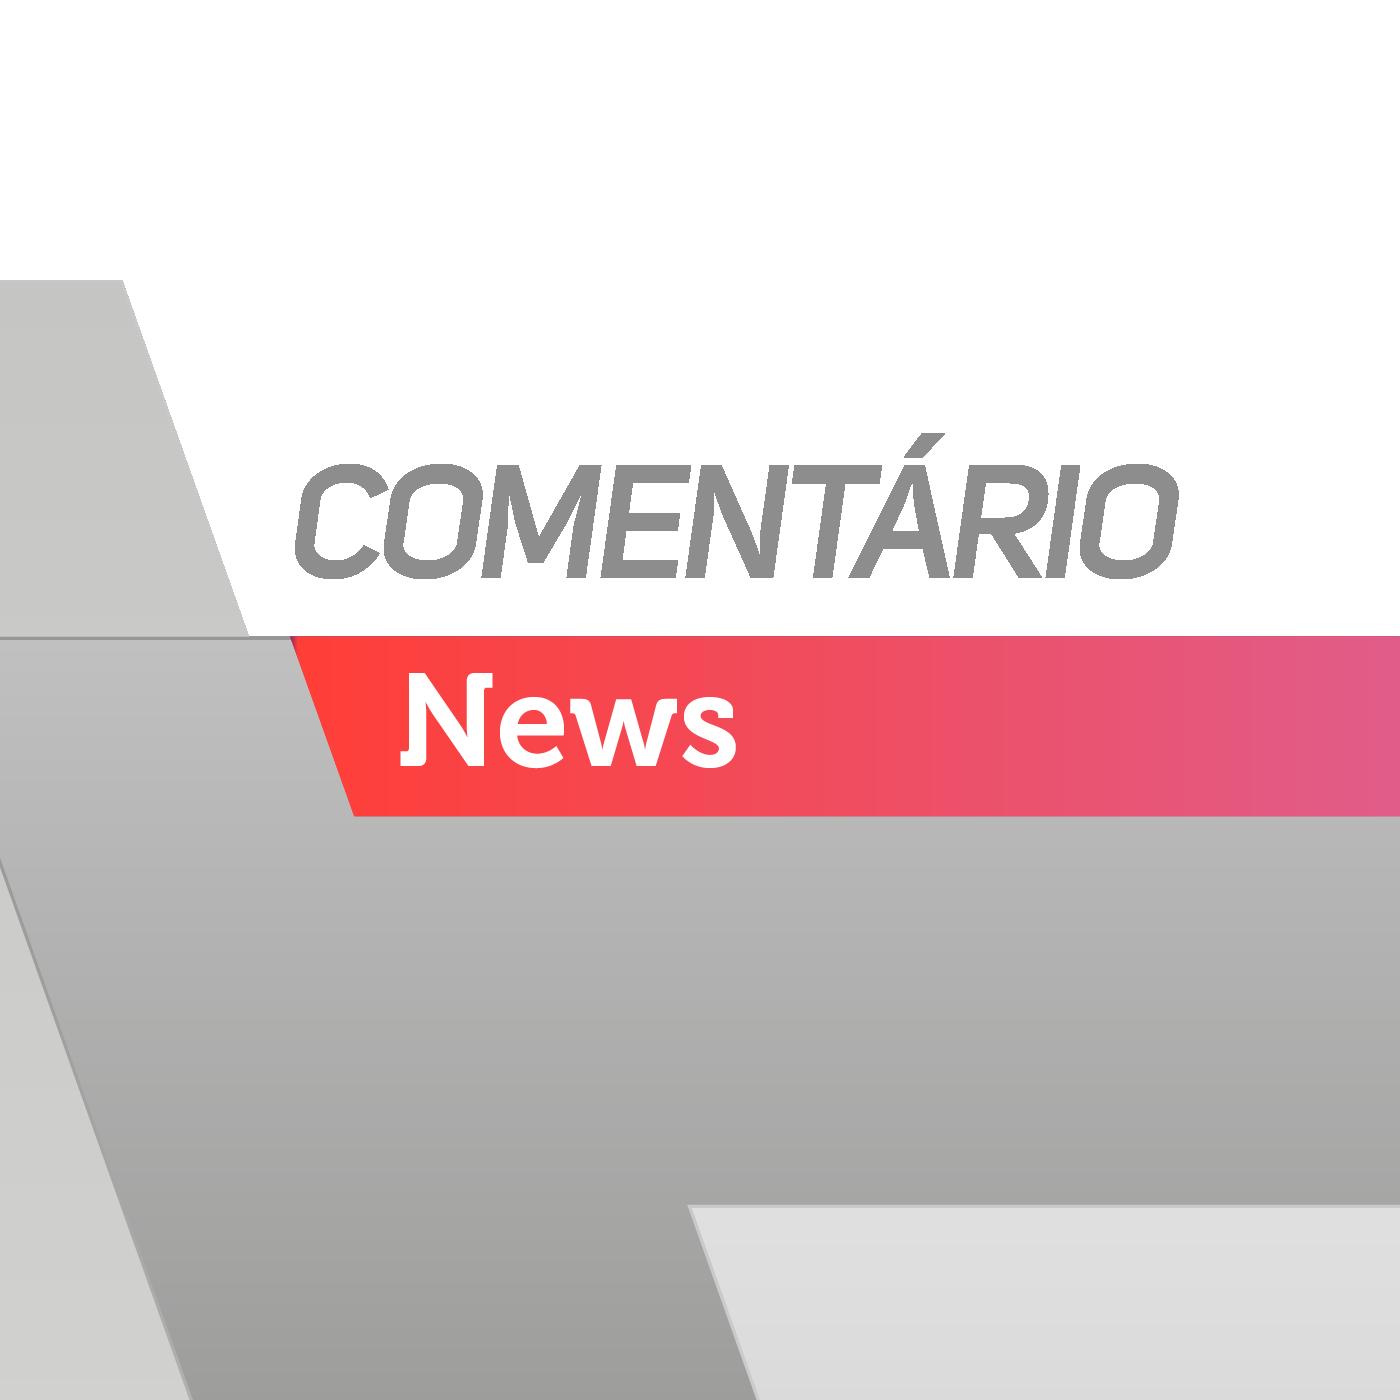 Gisele Loeblein comenta agronegócios no Gaúcha Repórter 17/08/2017